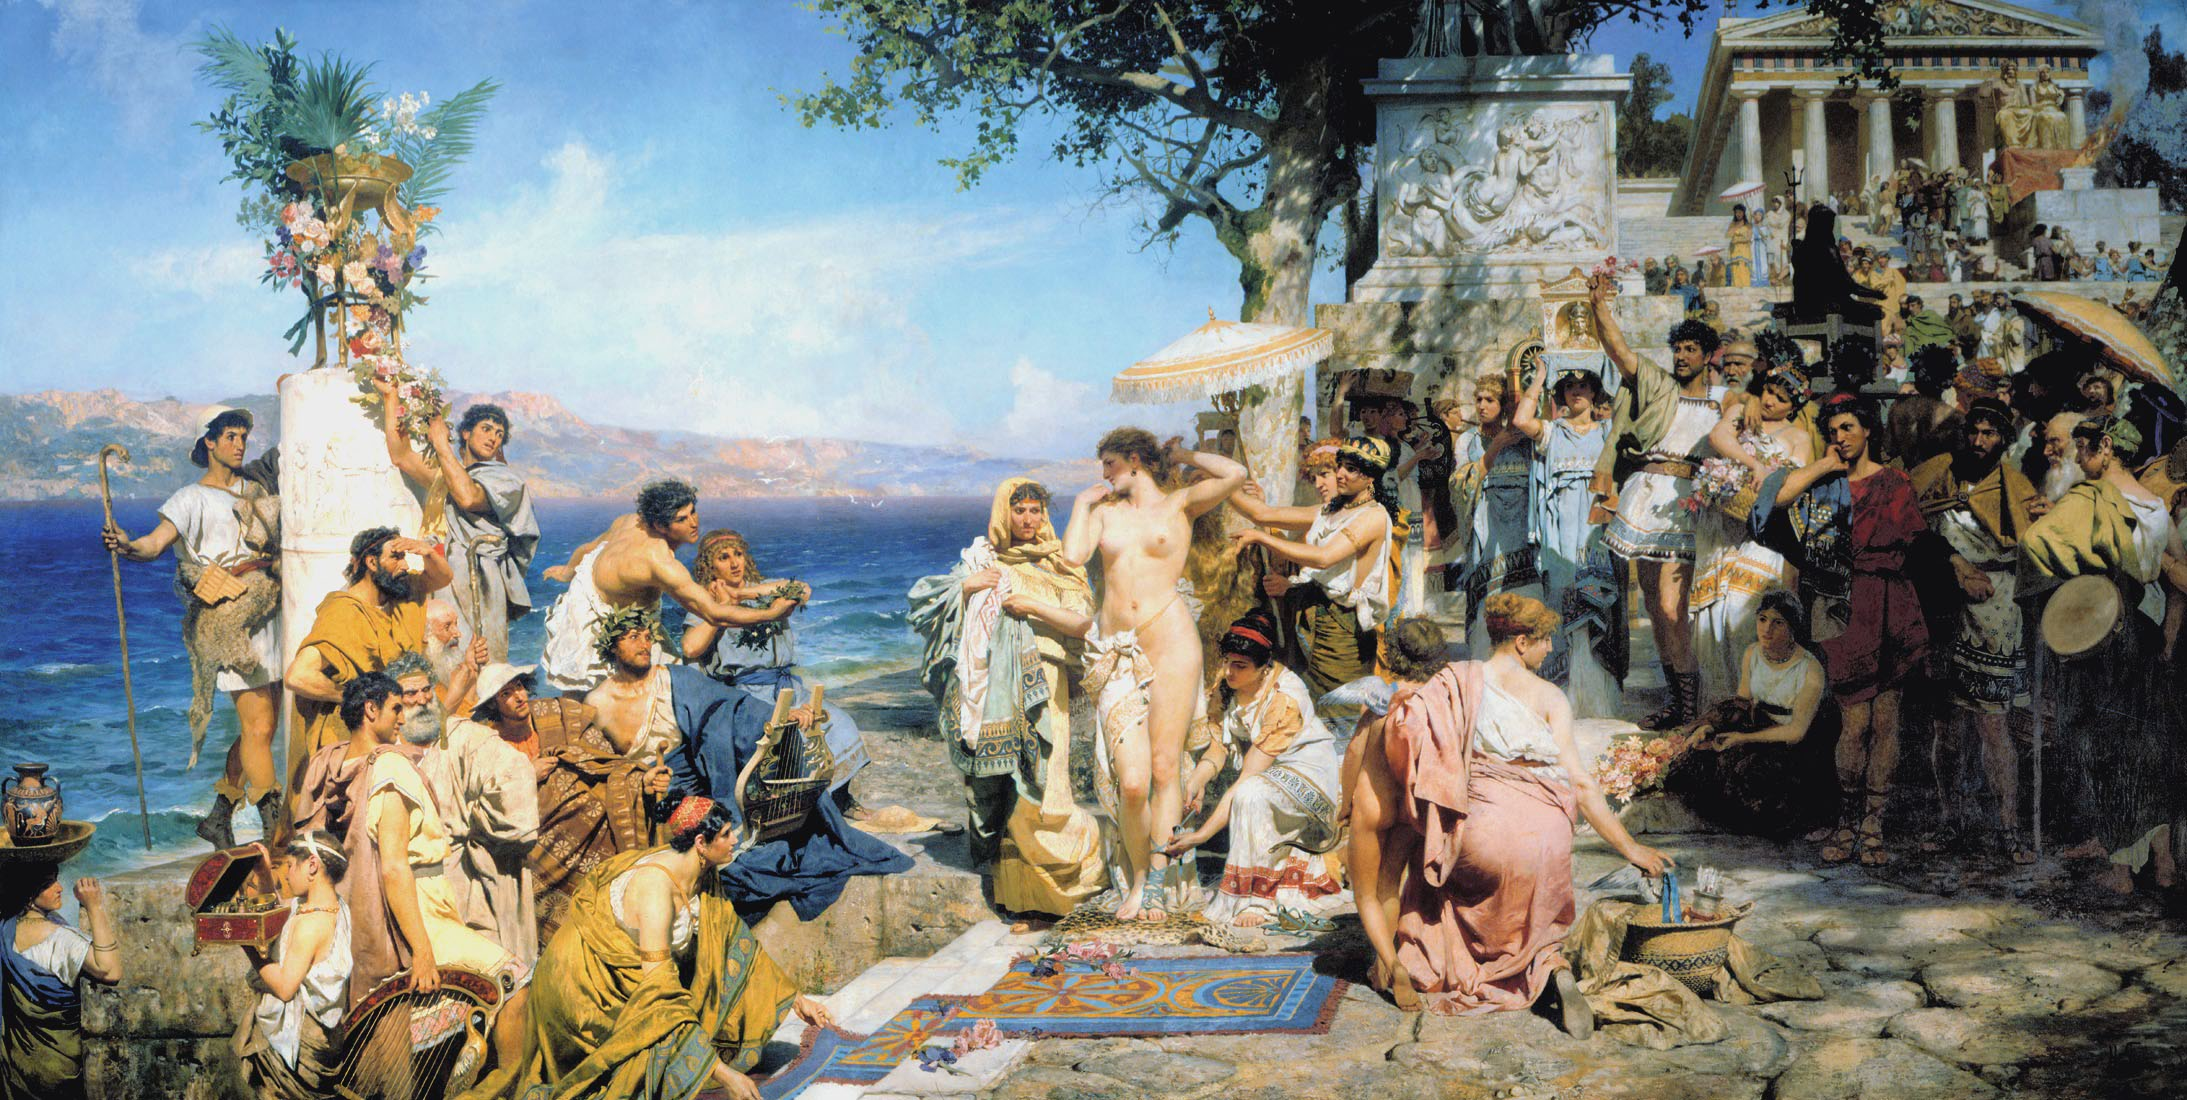 Genrich_Ippolitovich_Semiradsky_-_Roma,_1889